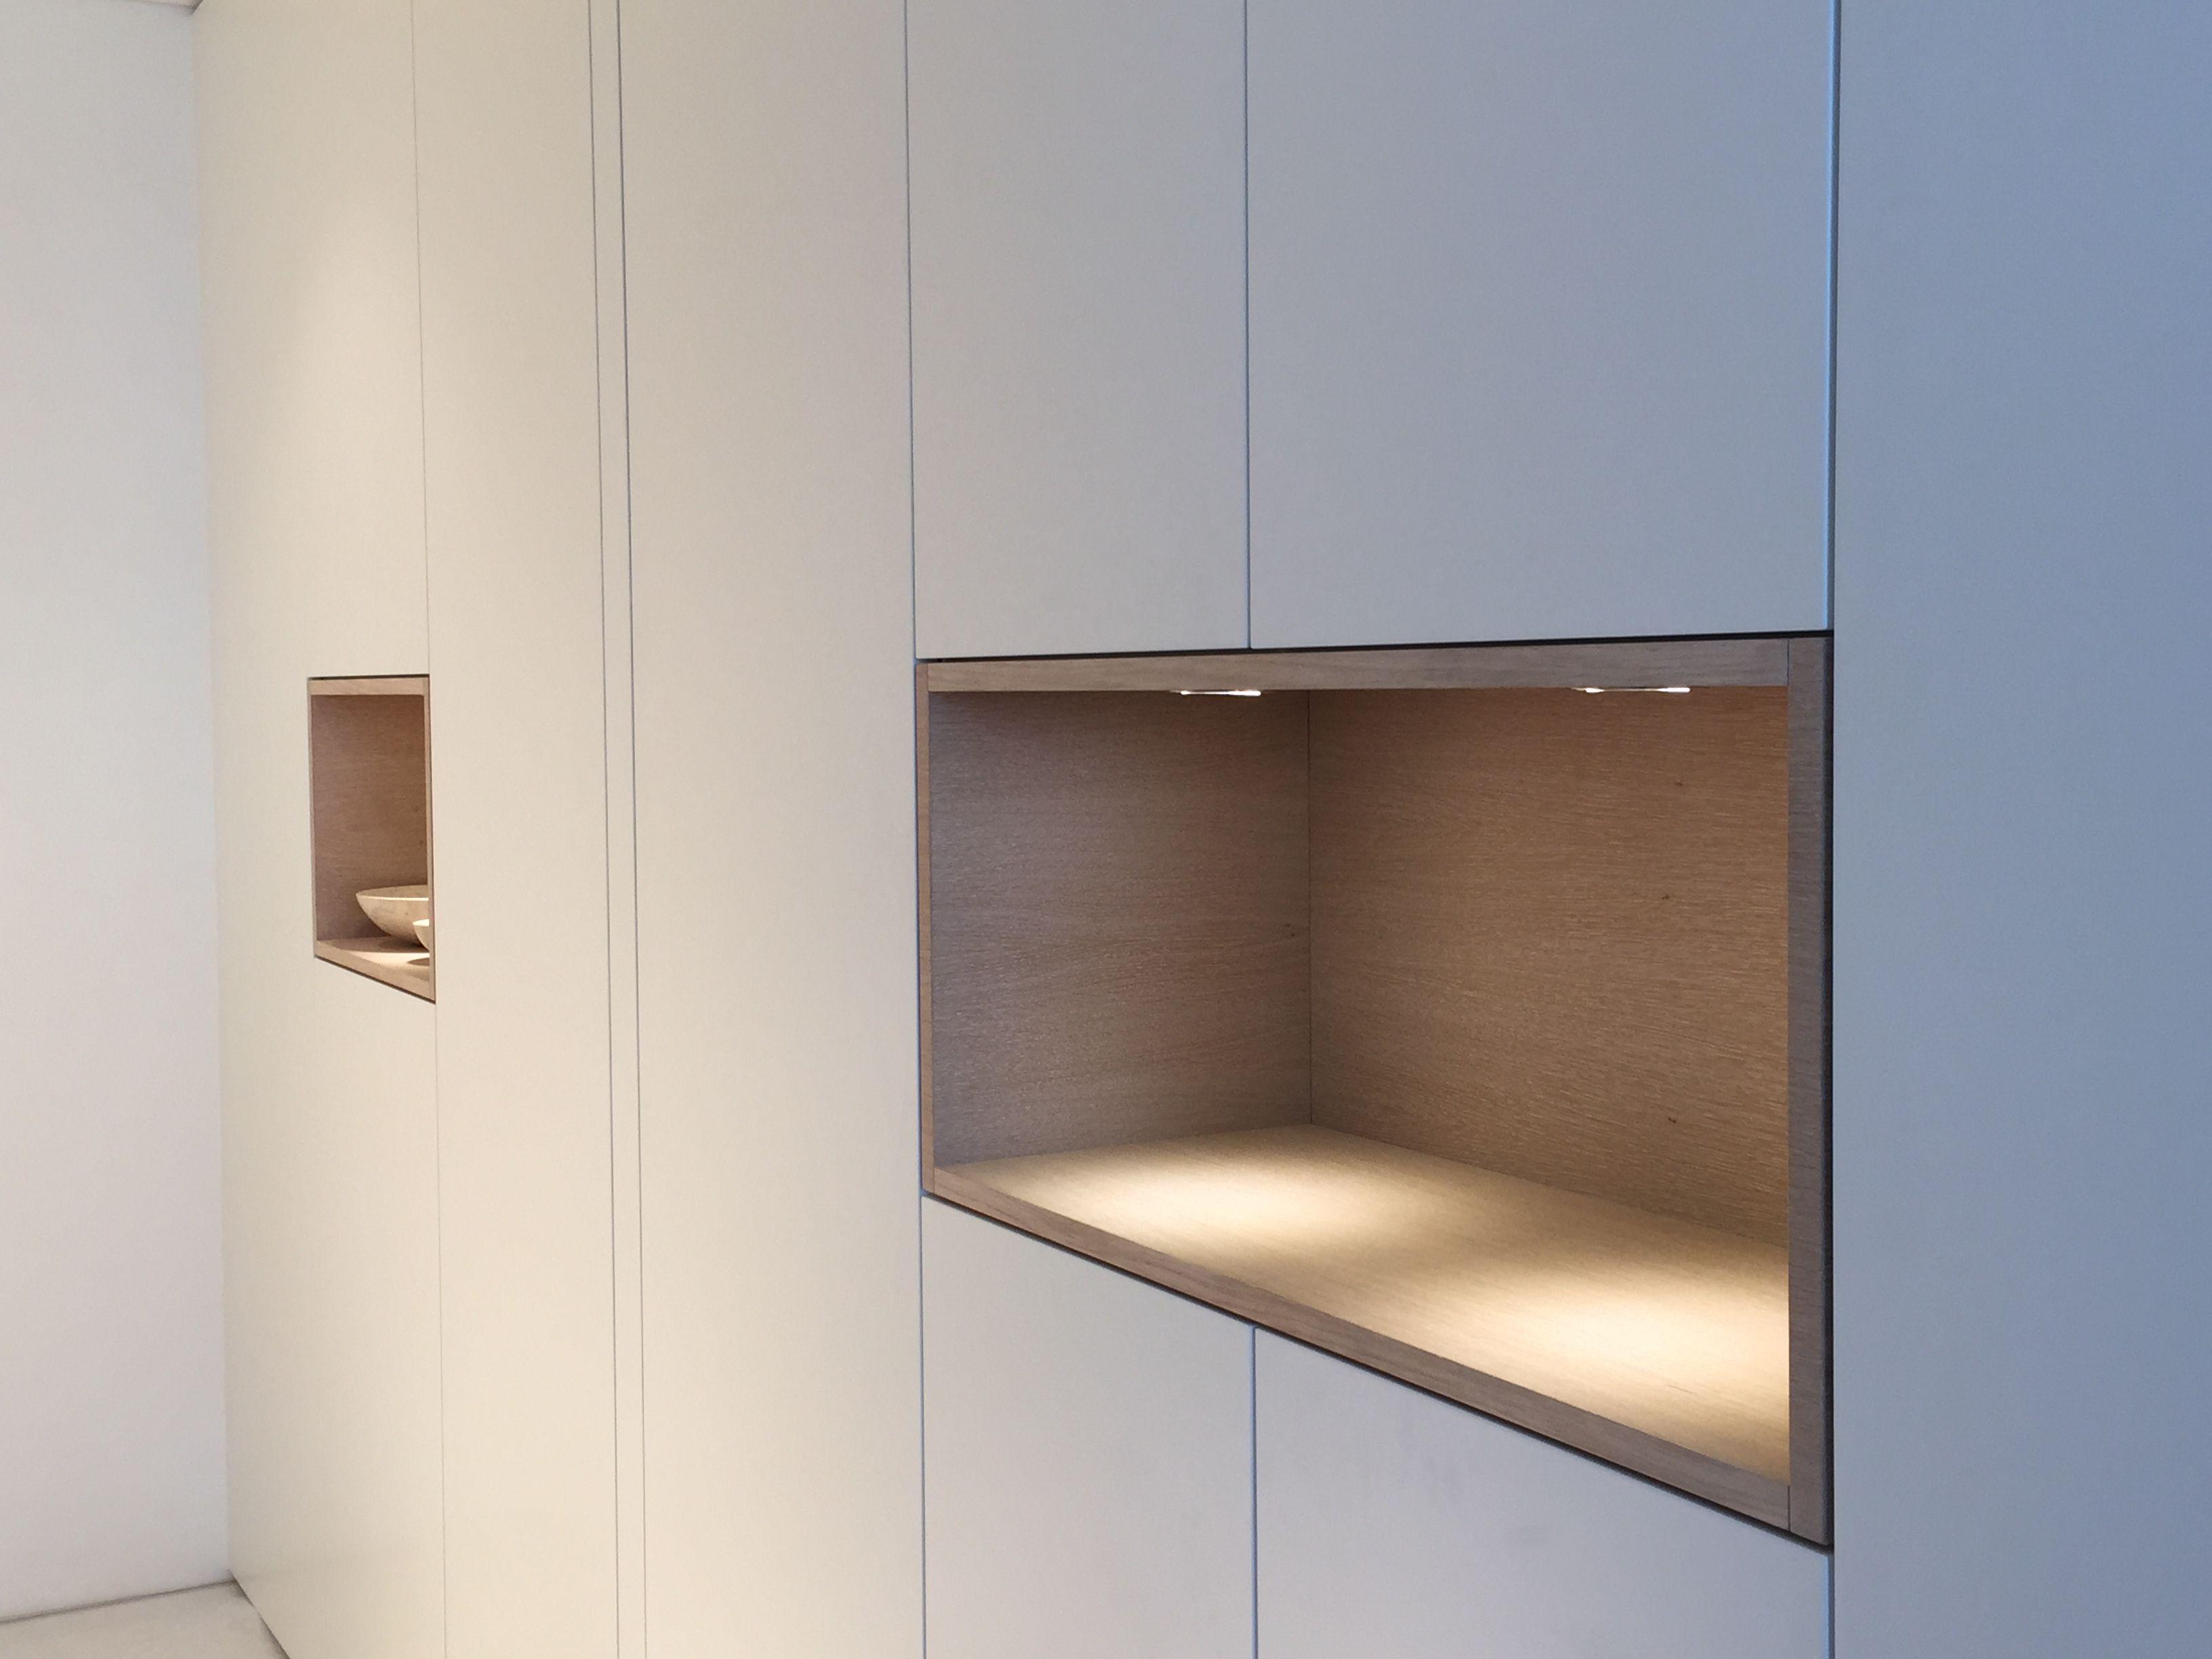 Schlafzimmer schrankwand ~ Innenarchitektur privat gerade abgeschlossene projekte